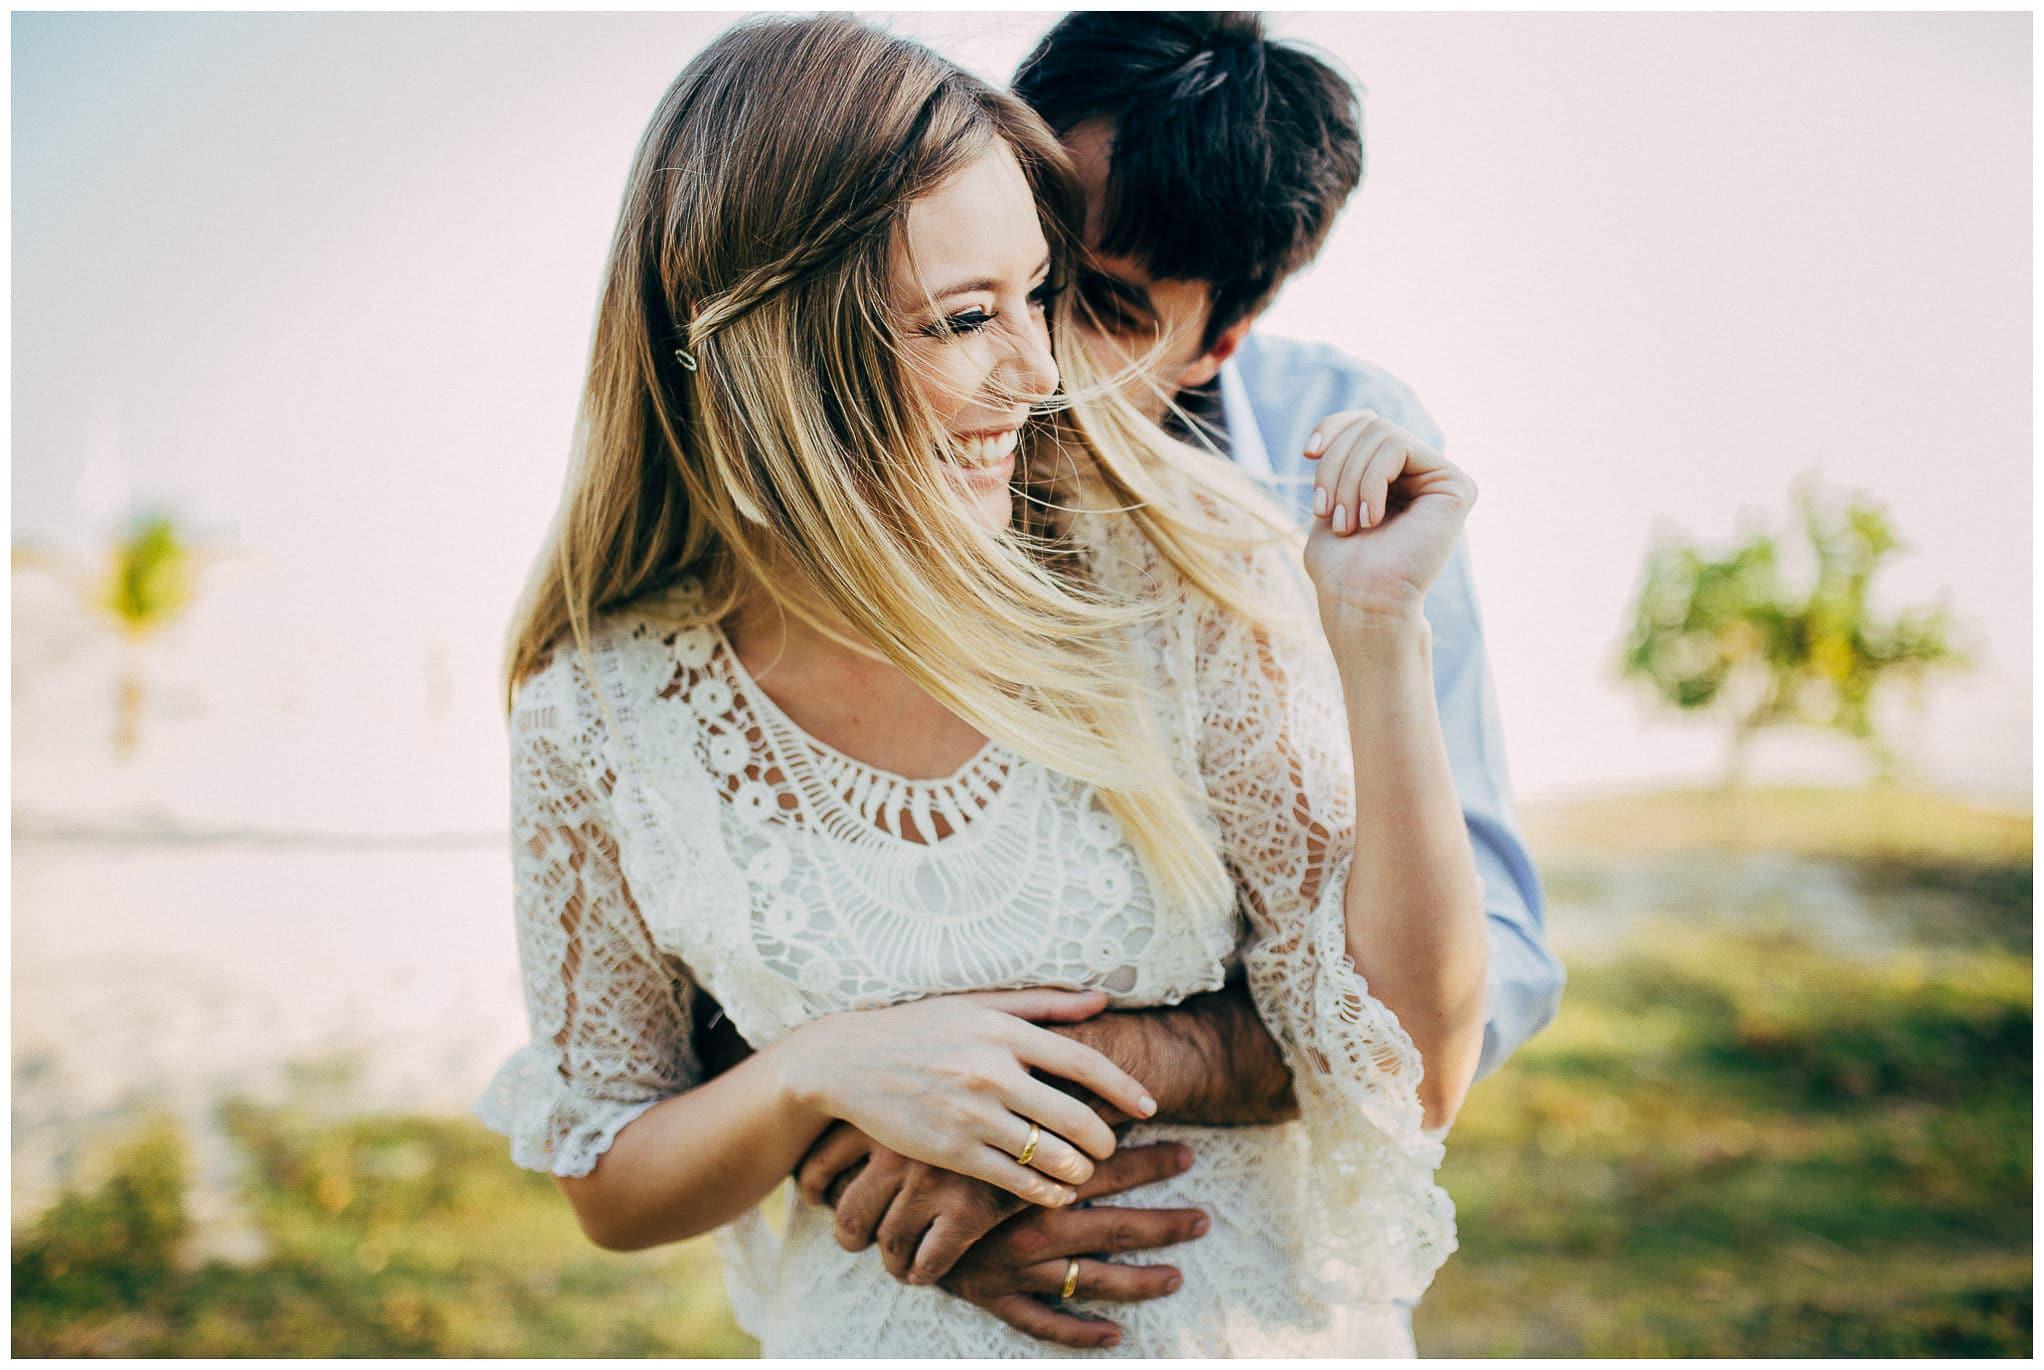 fotografo-de-casamento31